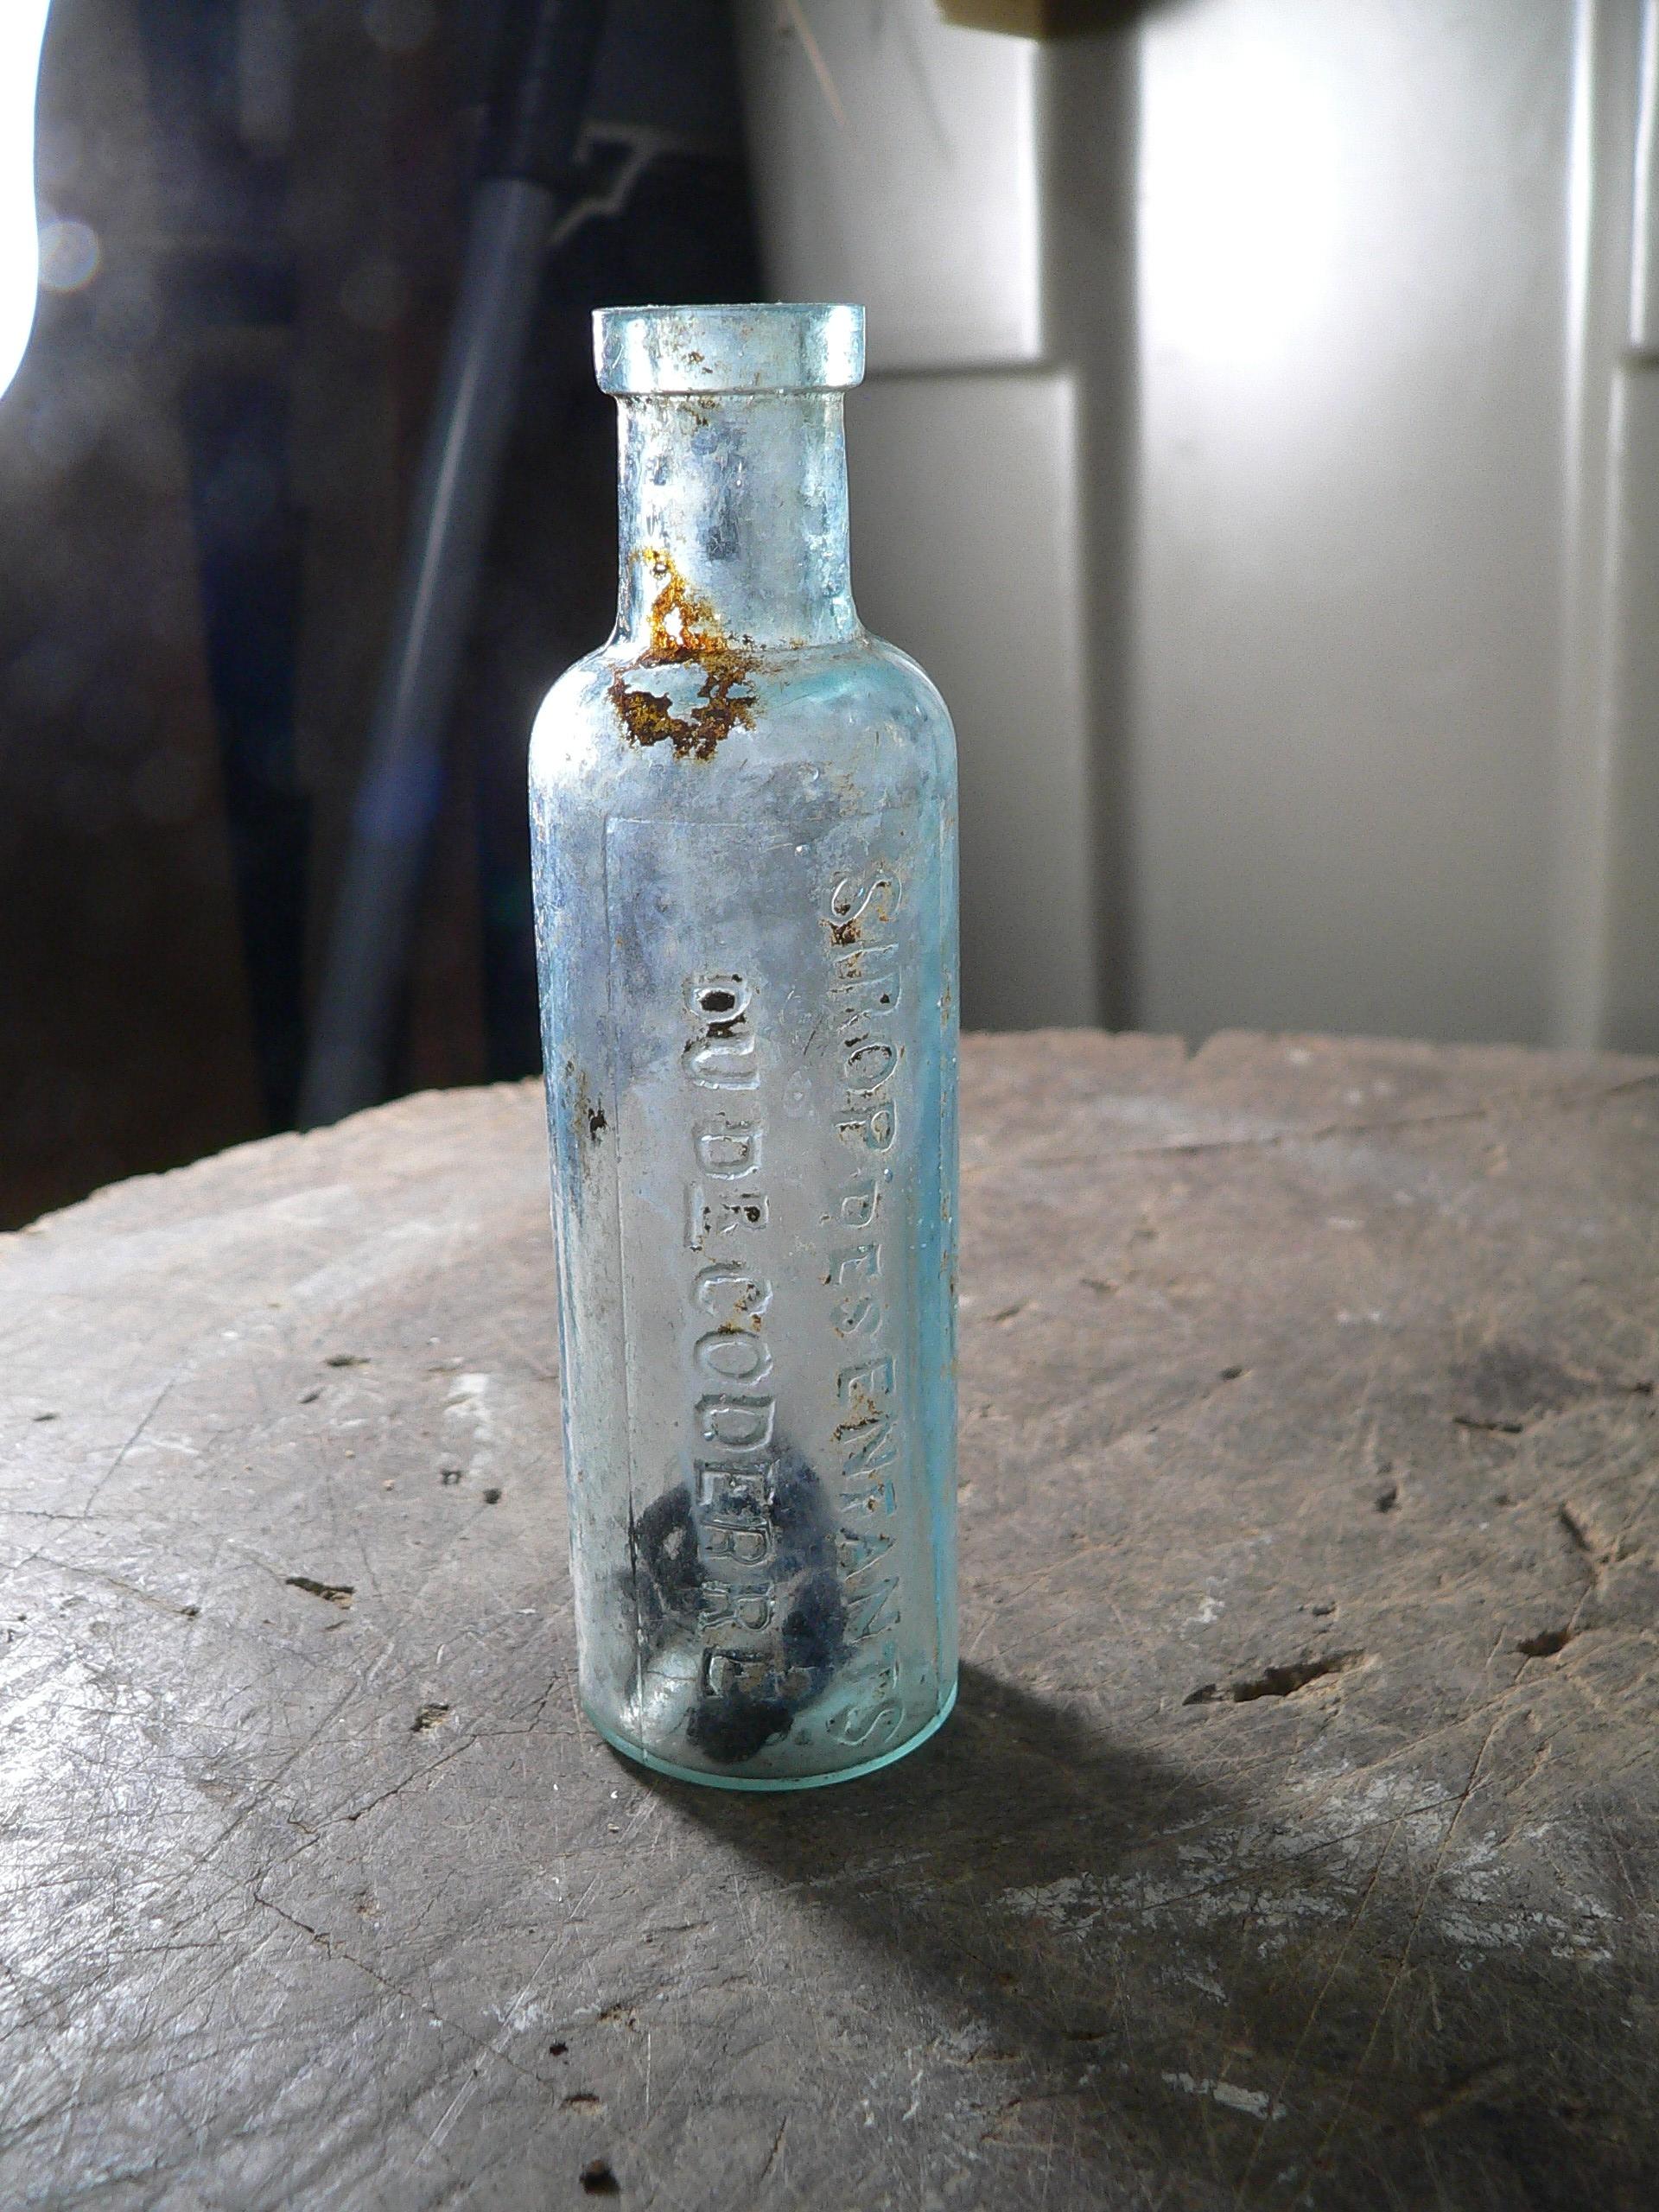 Bouteille antique sirop des enfants du dr coderre # 7807.5